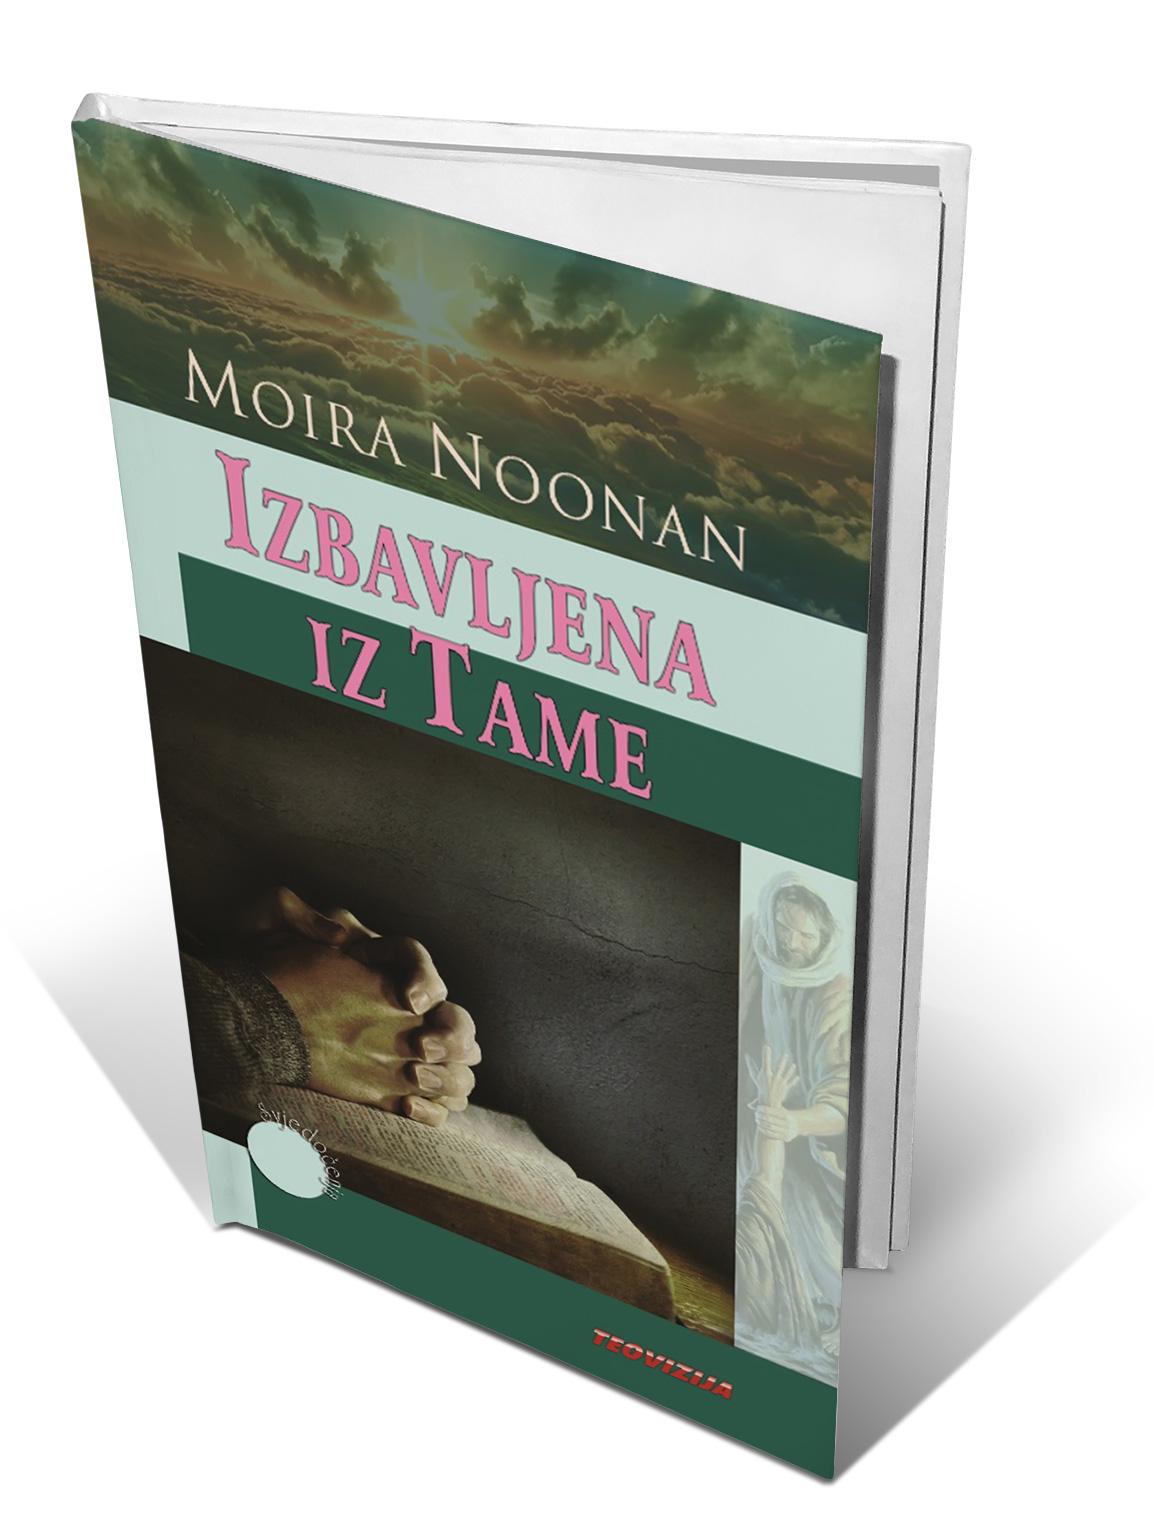 IZBAVLJENA IZ TAME - Moira Noonan